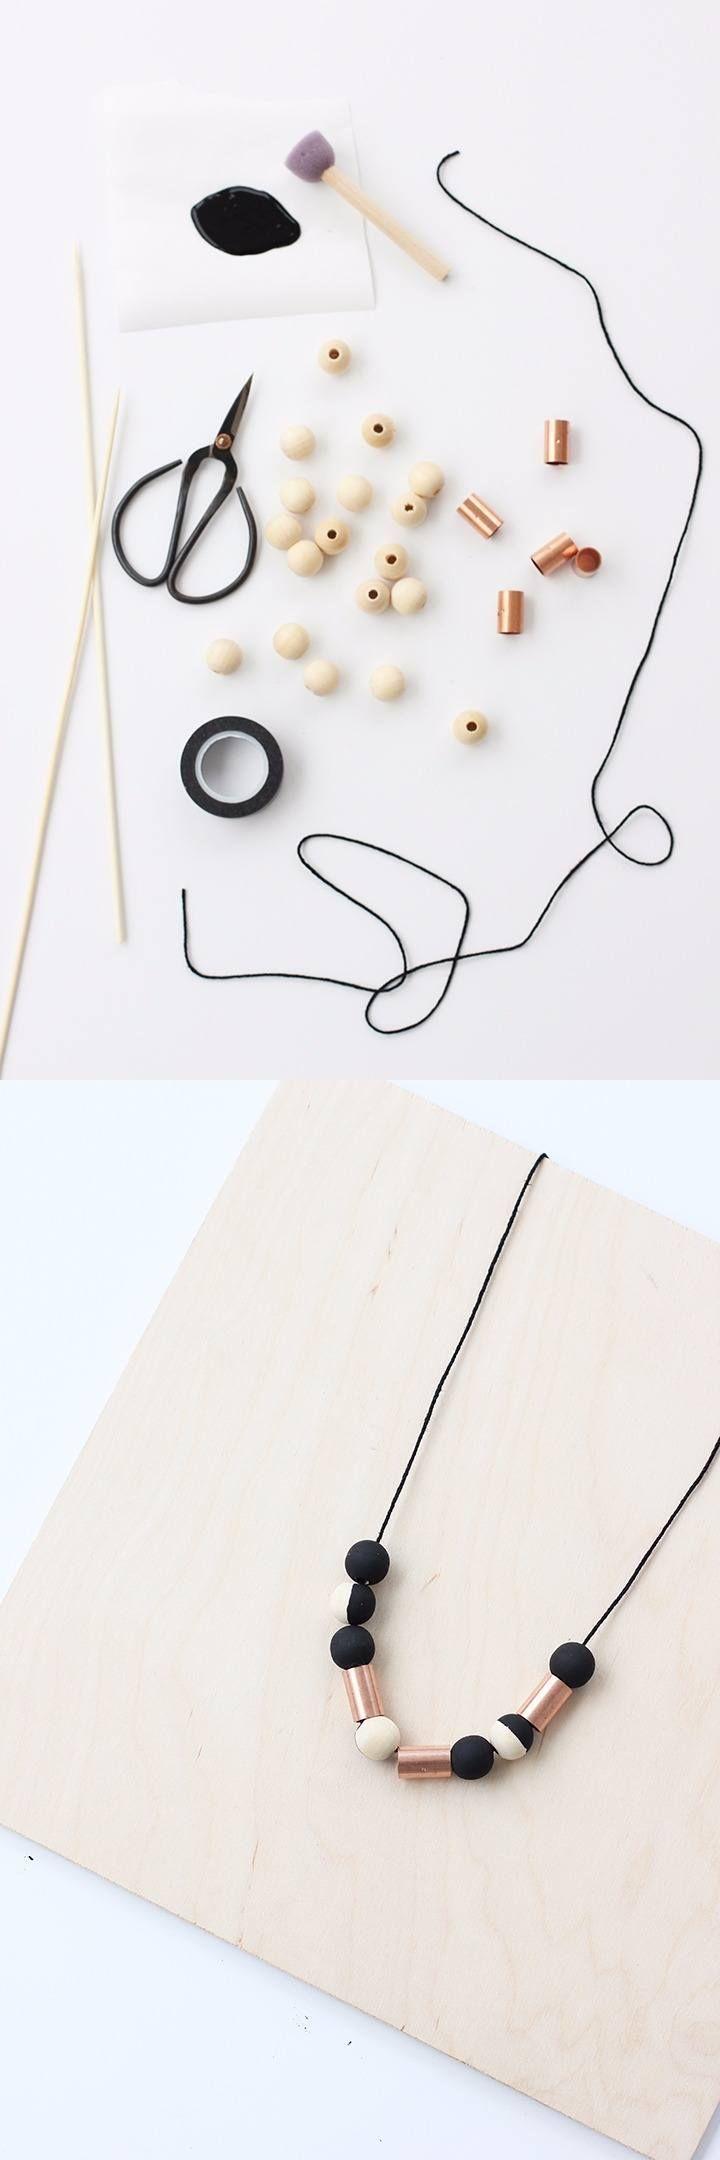 Collar con piezas de cobre y madera - aliceandlois.com - DIY Copper and Wood Bead Necklace